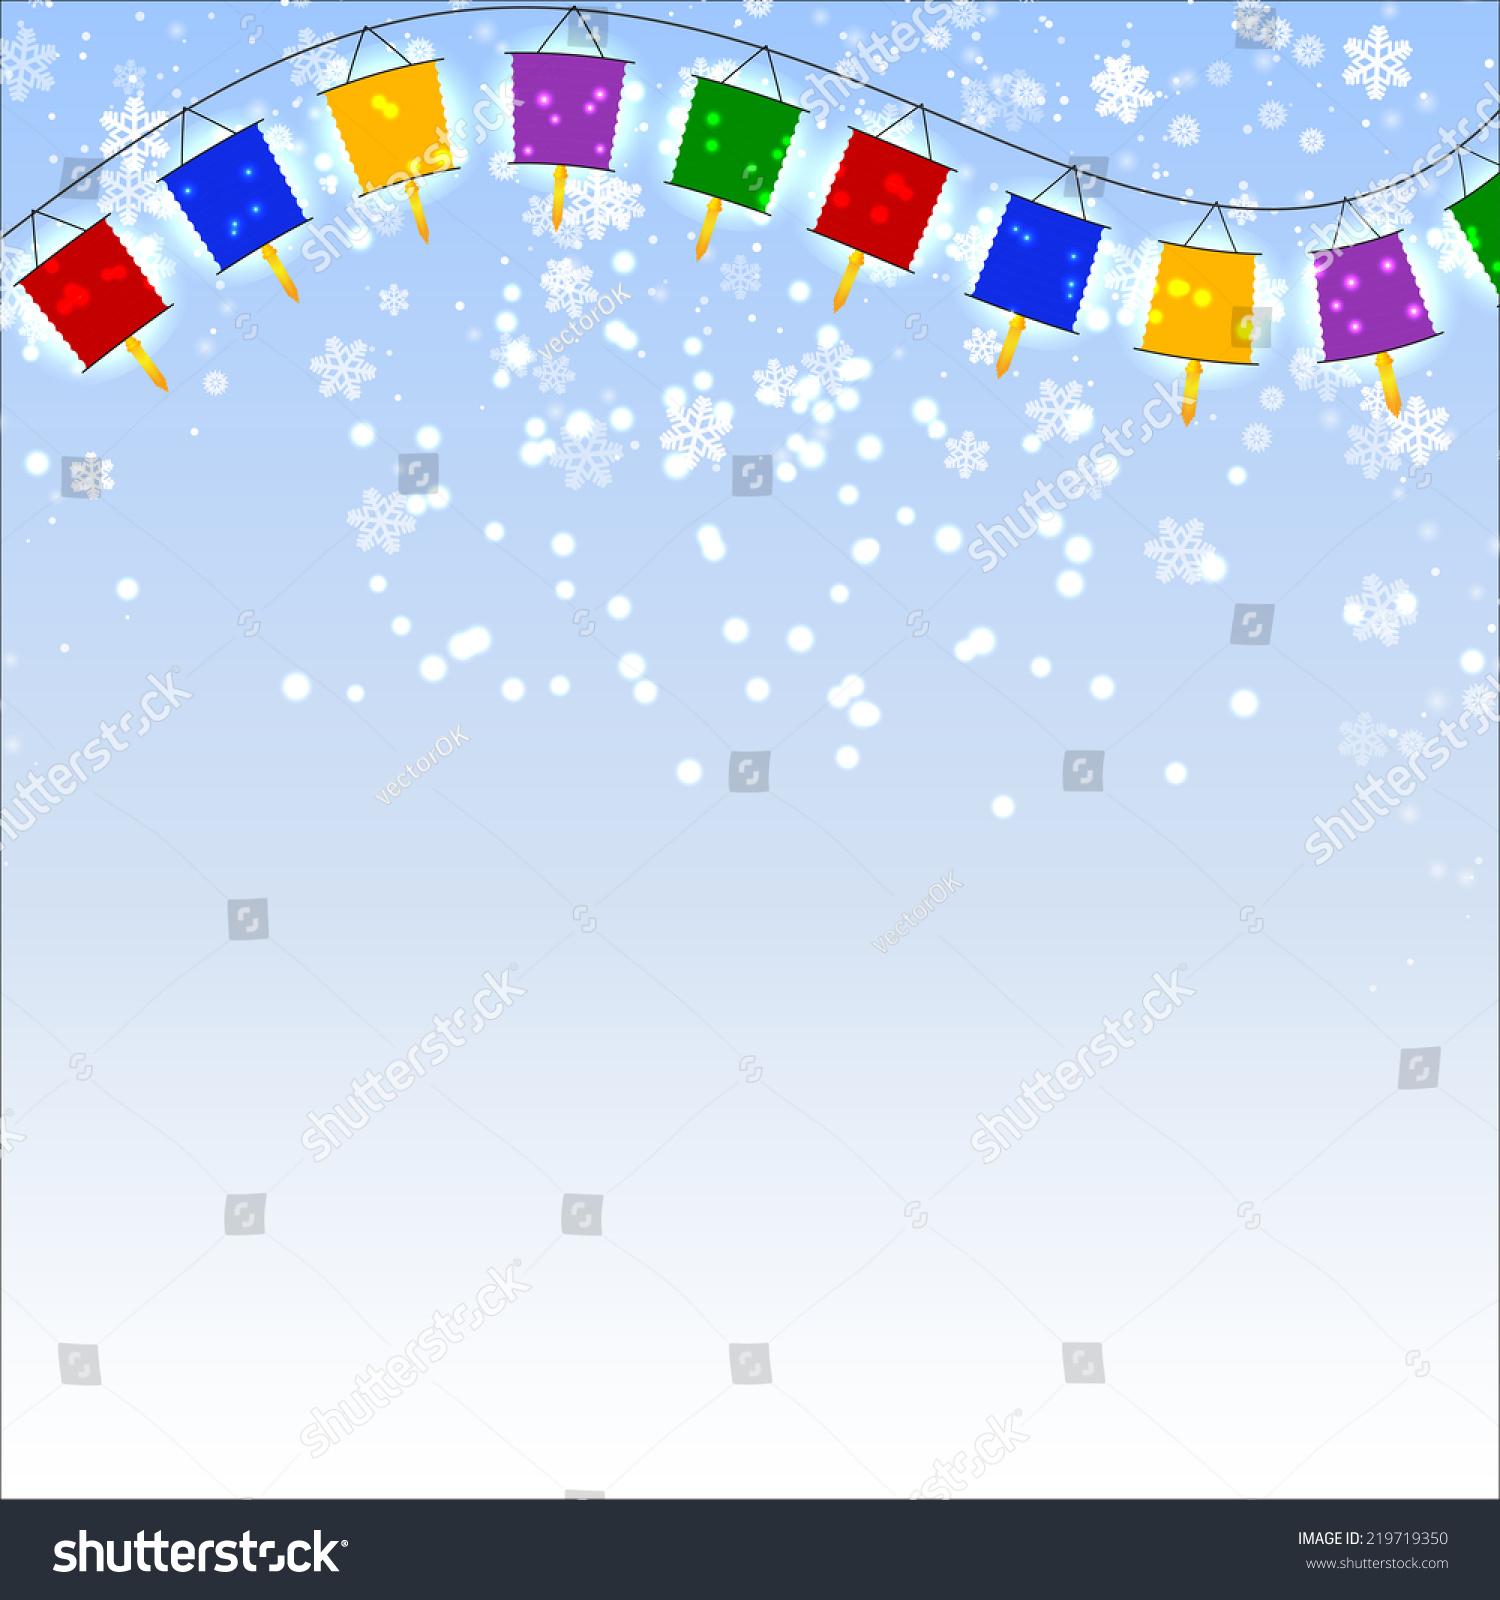 冬天的蓝色背景雪花和红灯笼的花环.矢量插图